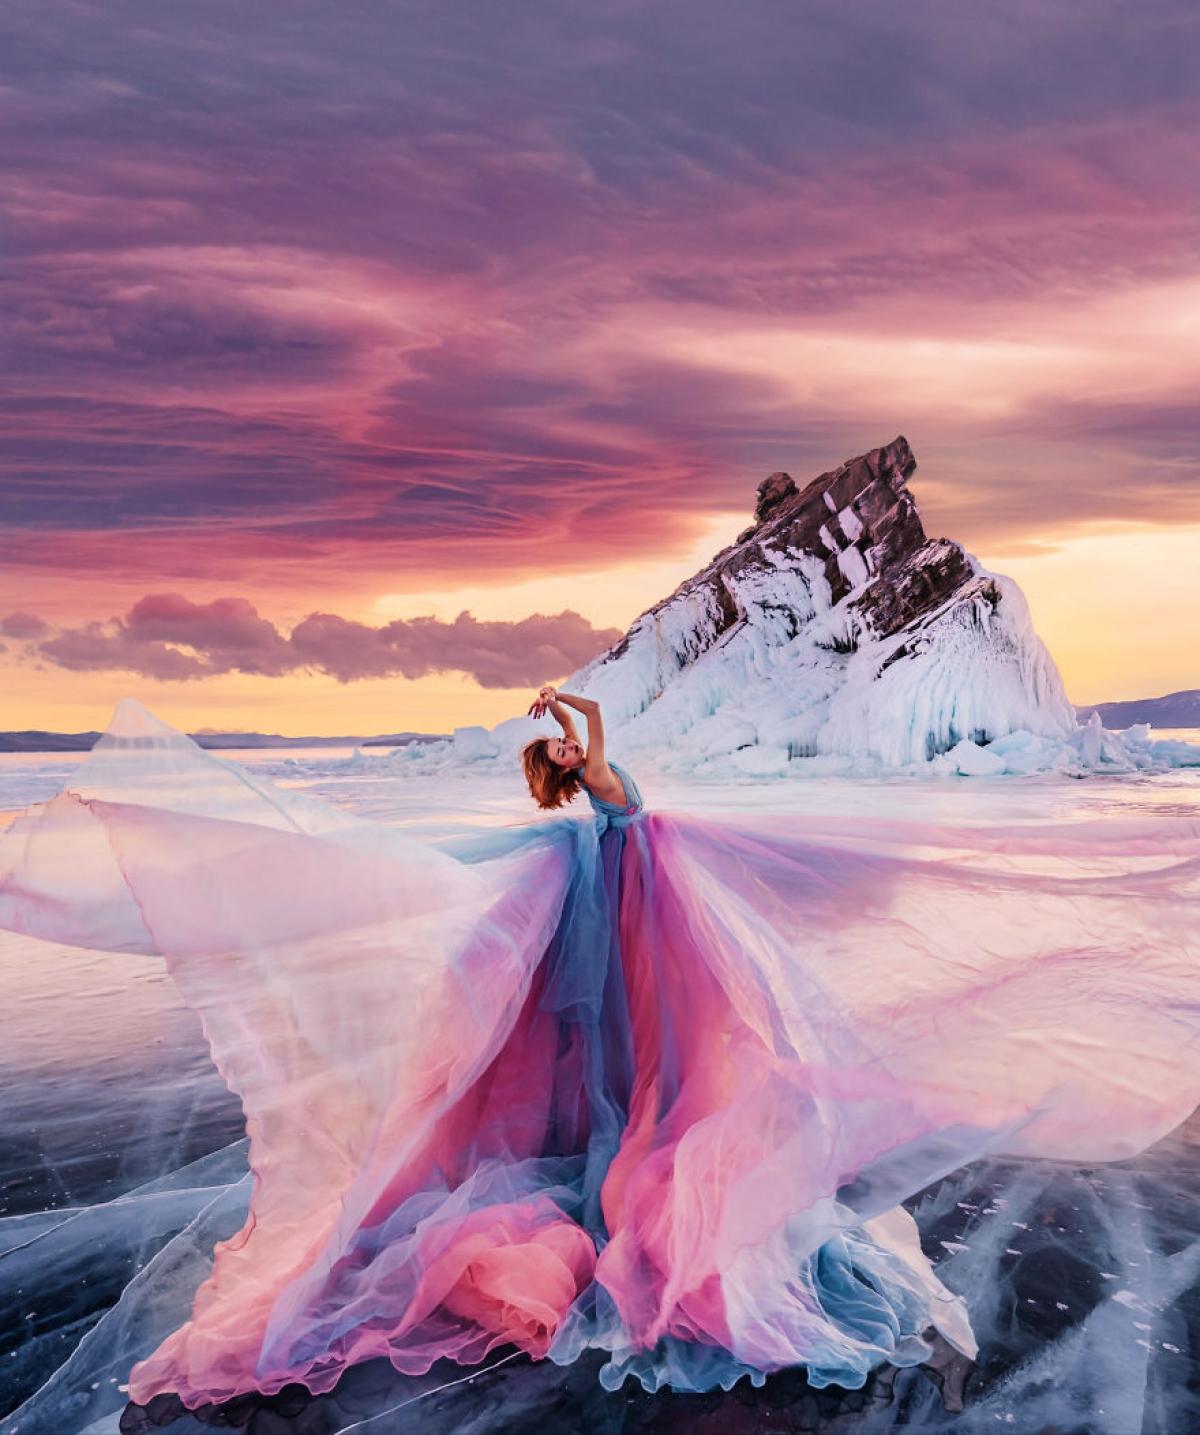 Bộ váy của vũ công hoà hợp ăn ý với khung cảnh thiên nhiên.